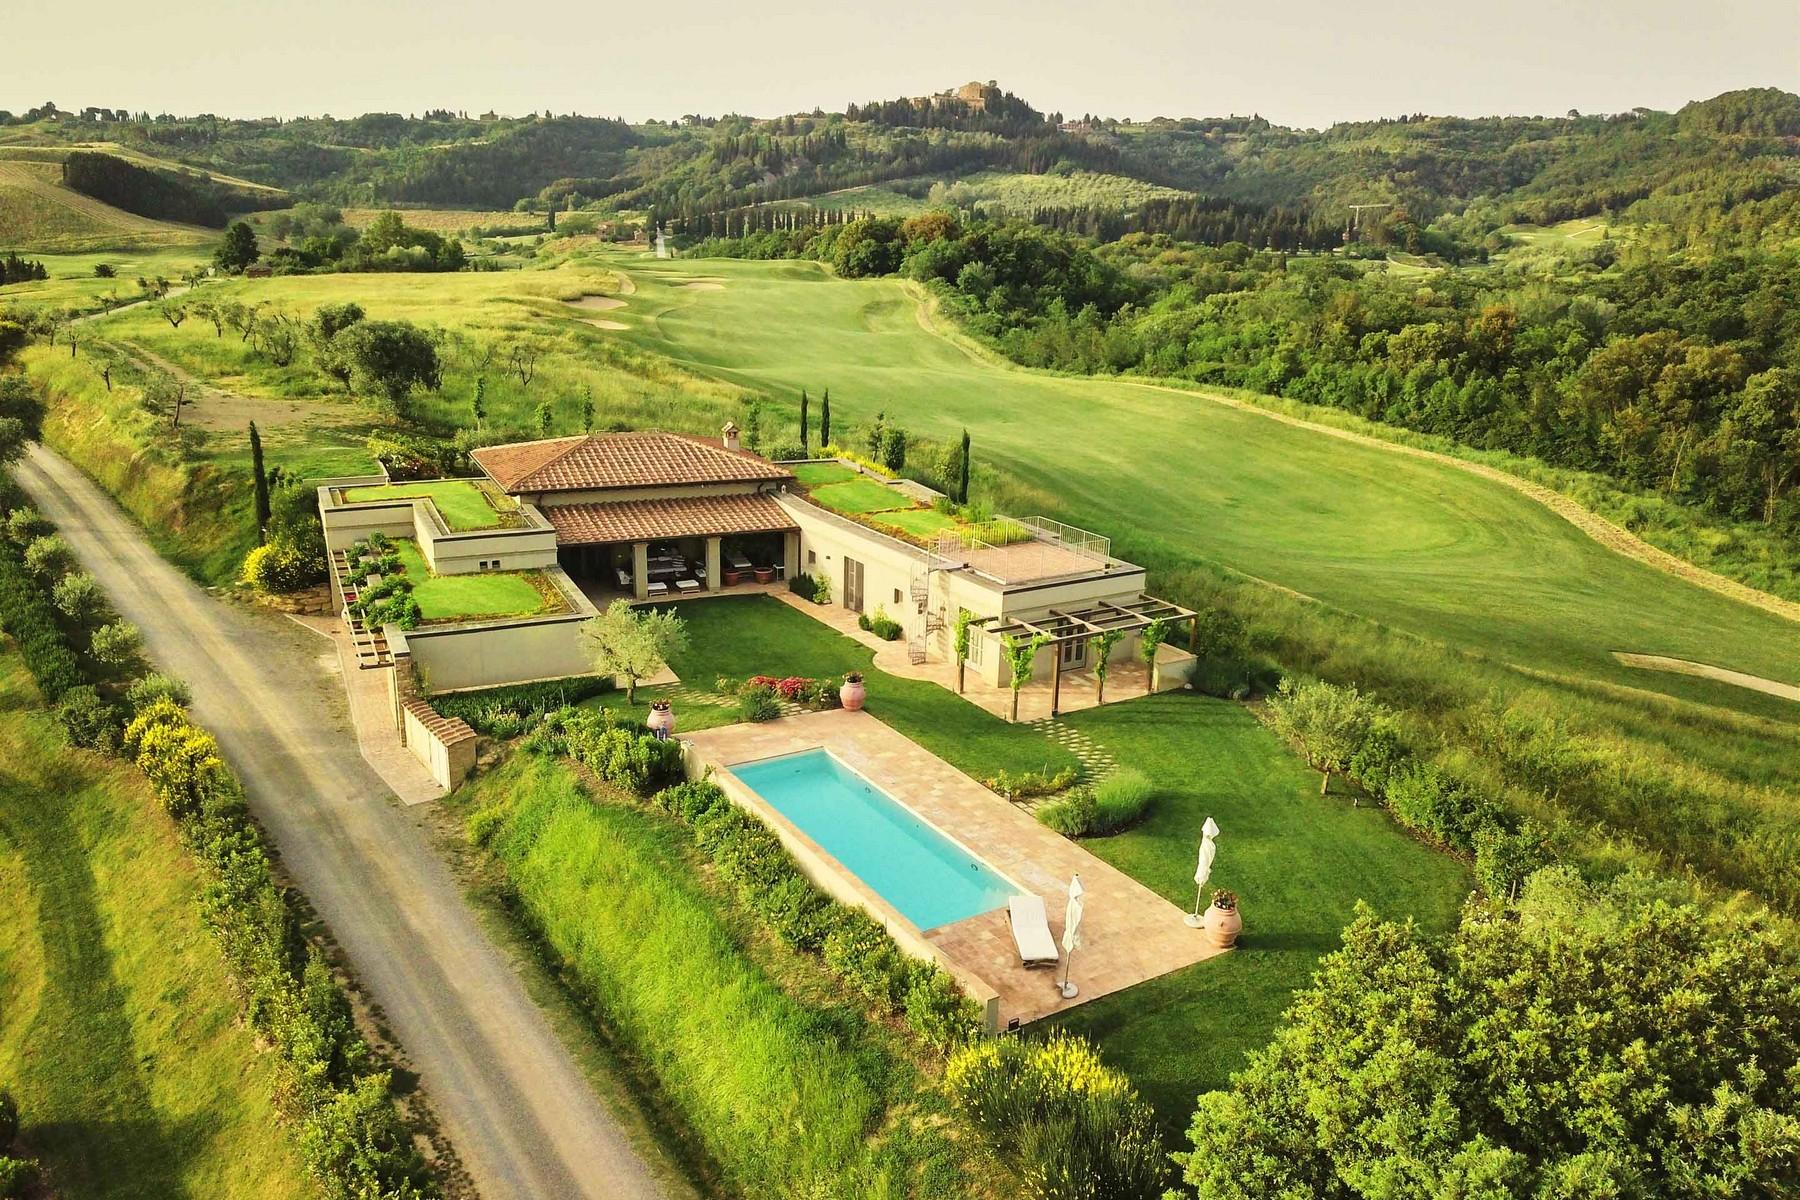 Villa in Vendita a Montaione: 5 locali, 360 mq - Foto 11